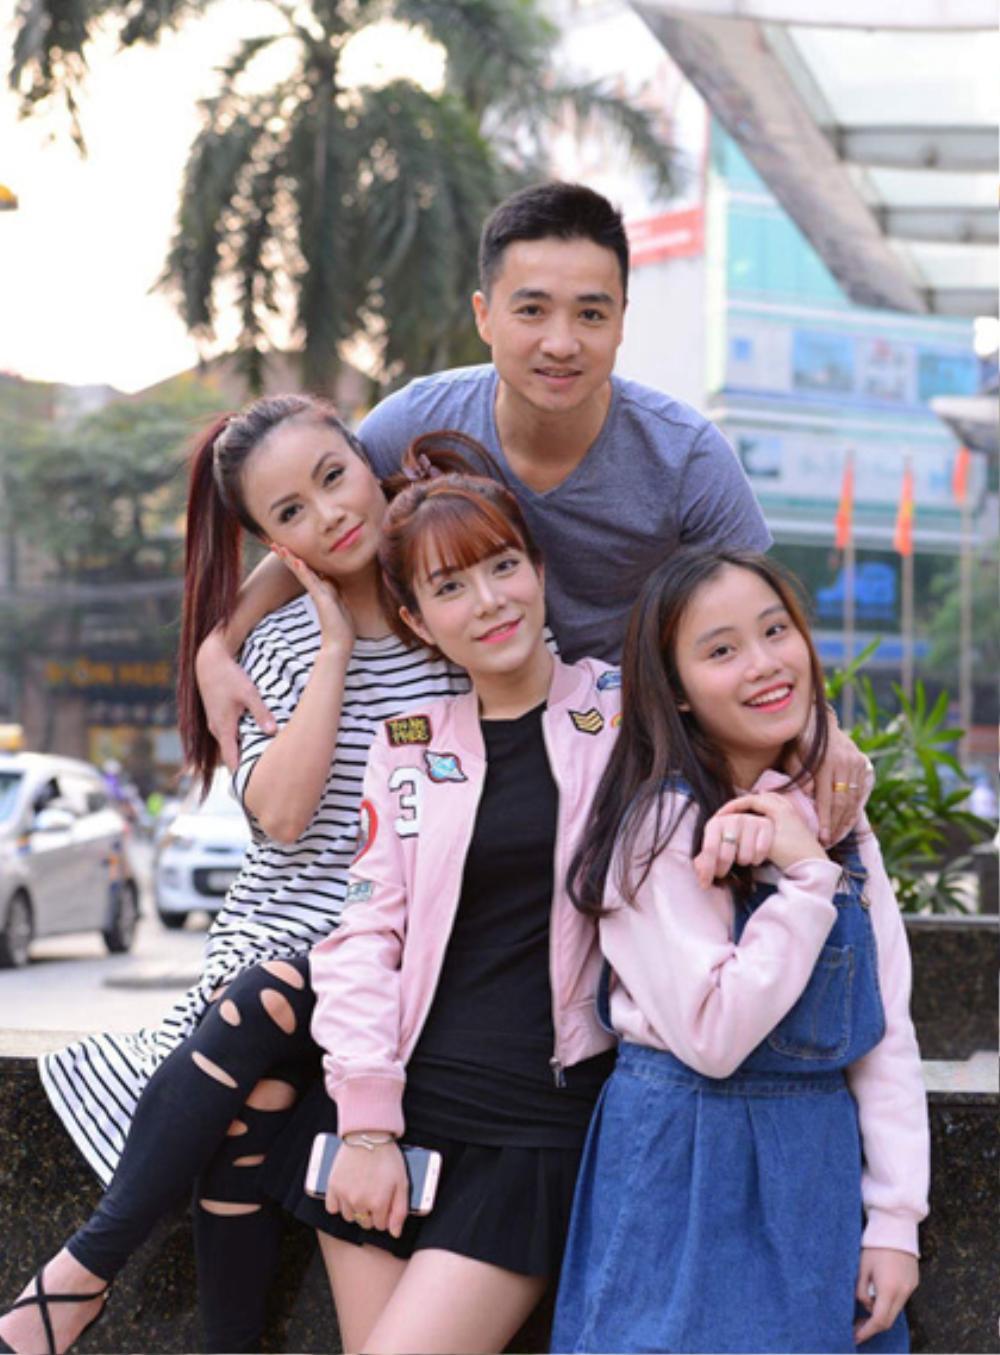 Diễn viên Hoàng Yến ly hôn lần 4: Bị chồng cũ tố ngoại tình cùng trai trẻ Ảnh 4